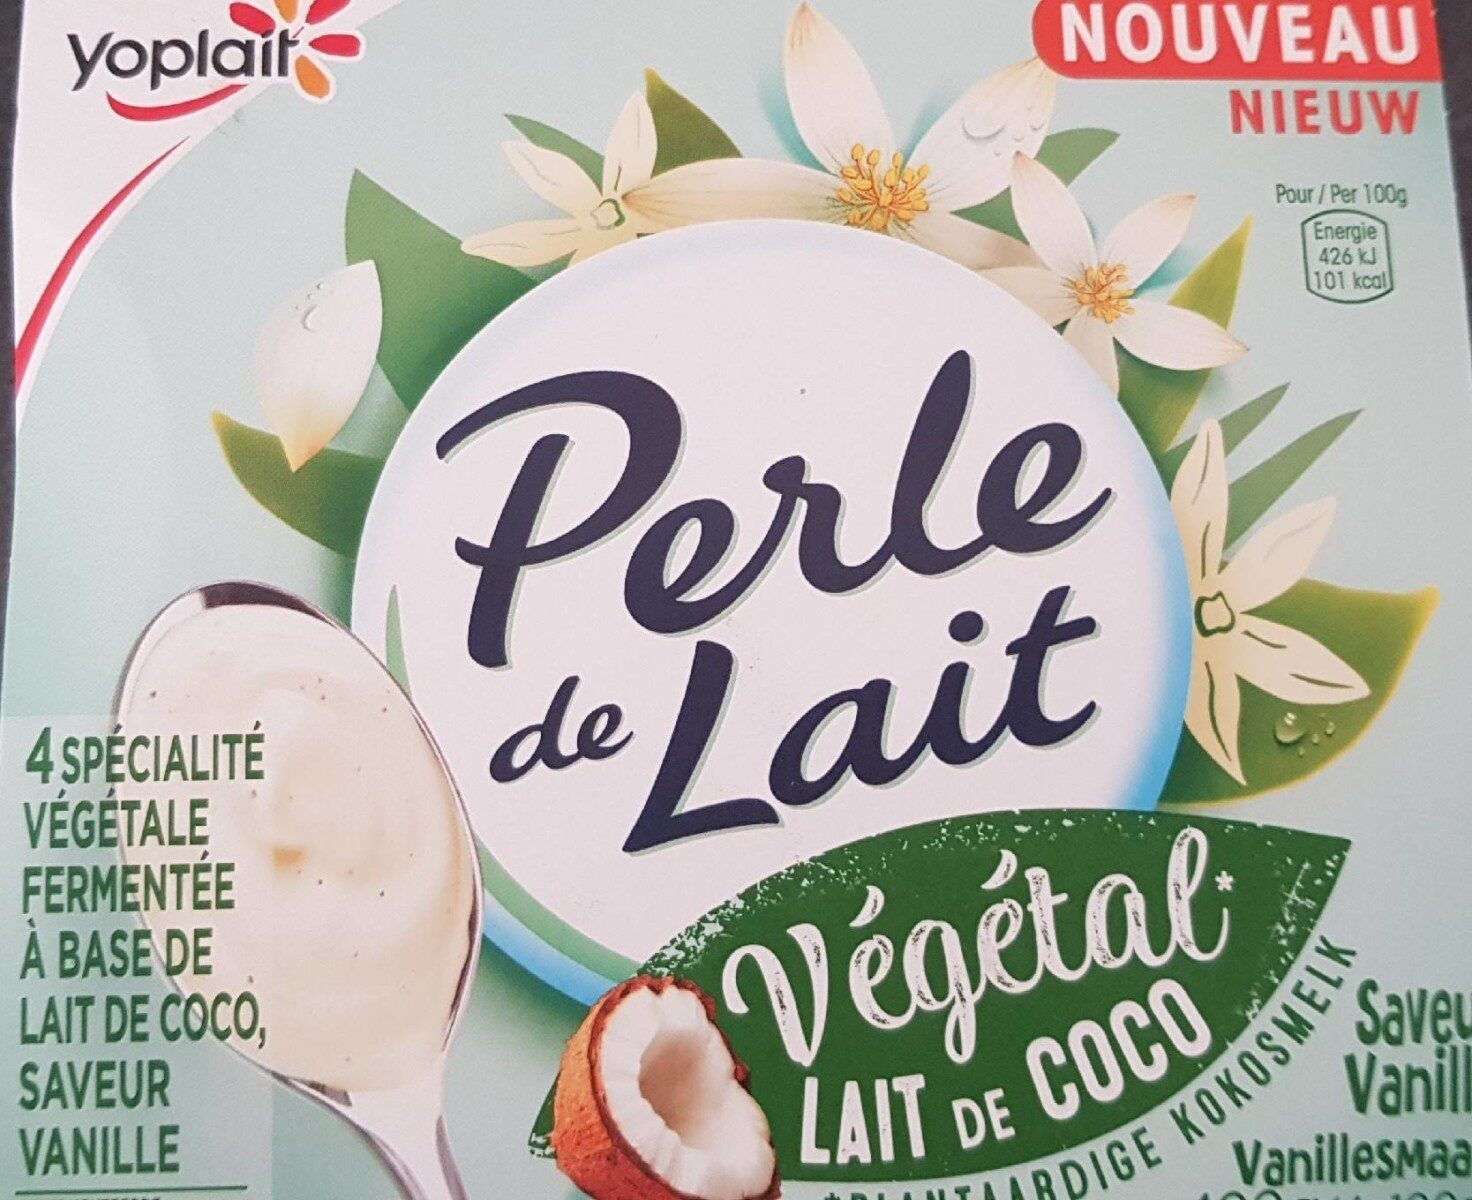 Perle de lait végétal lait de coco vanille - Product - fr